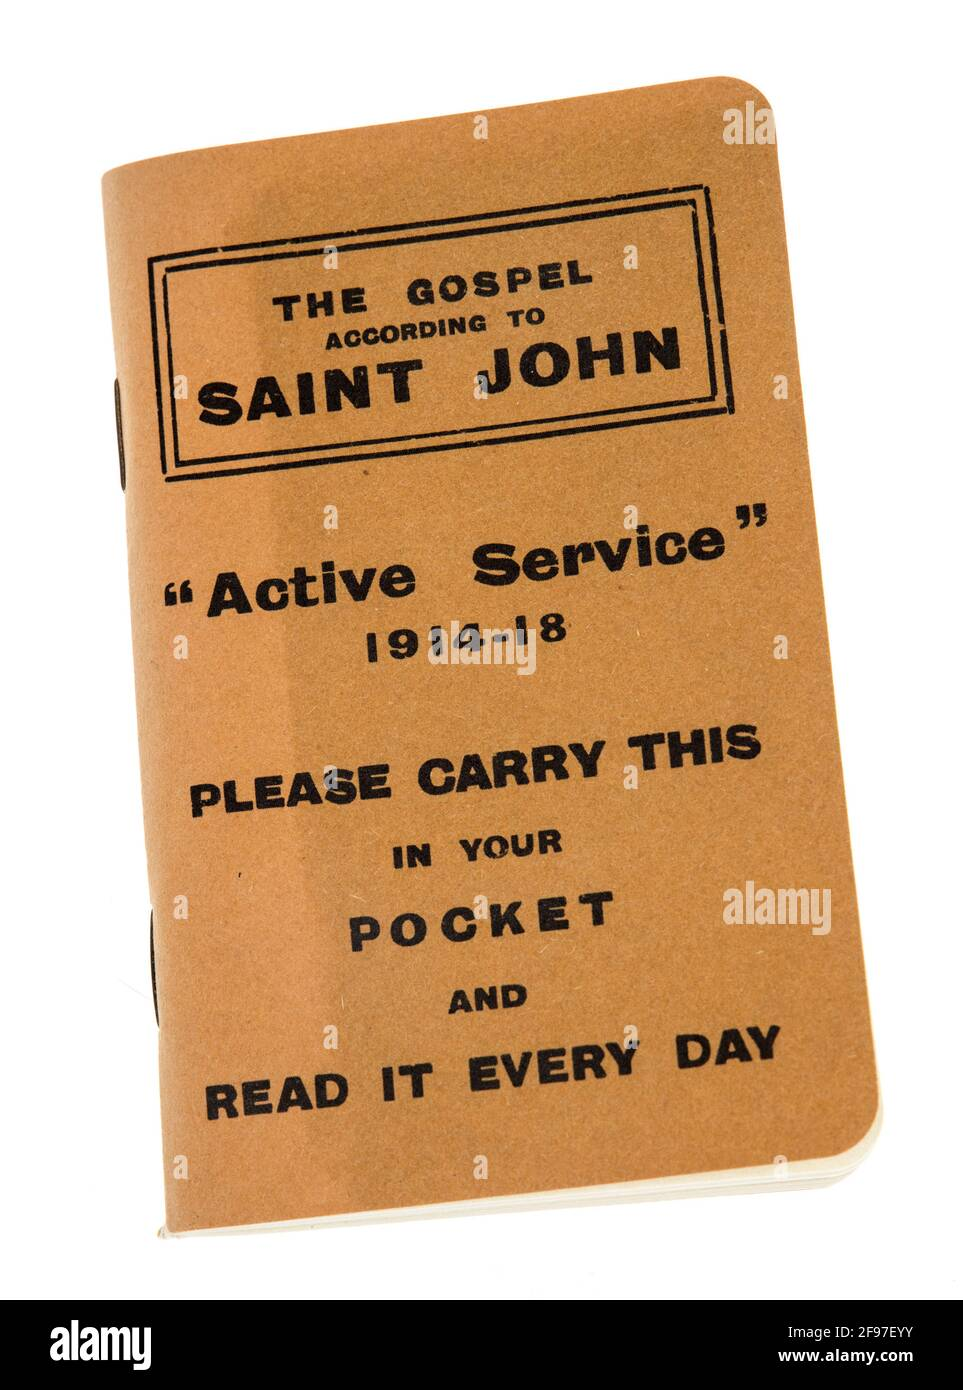 El Evangelio Según San Juan, un folleto producido por la Misión de Regalo de la Escritura y dado a los soldados británicos en servicio activo durante el primero Foto de stock